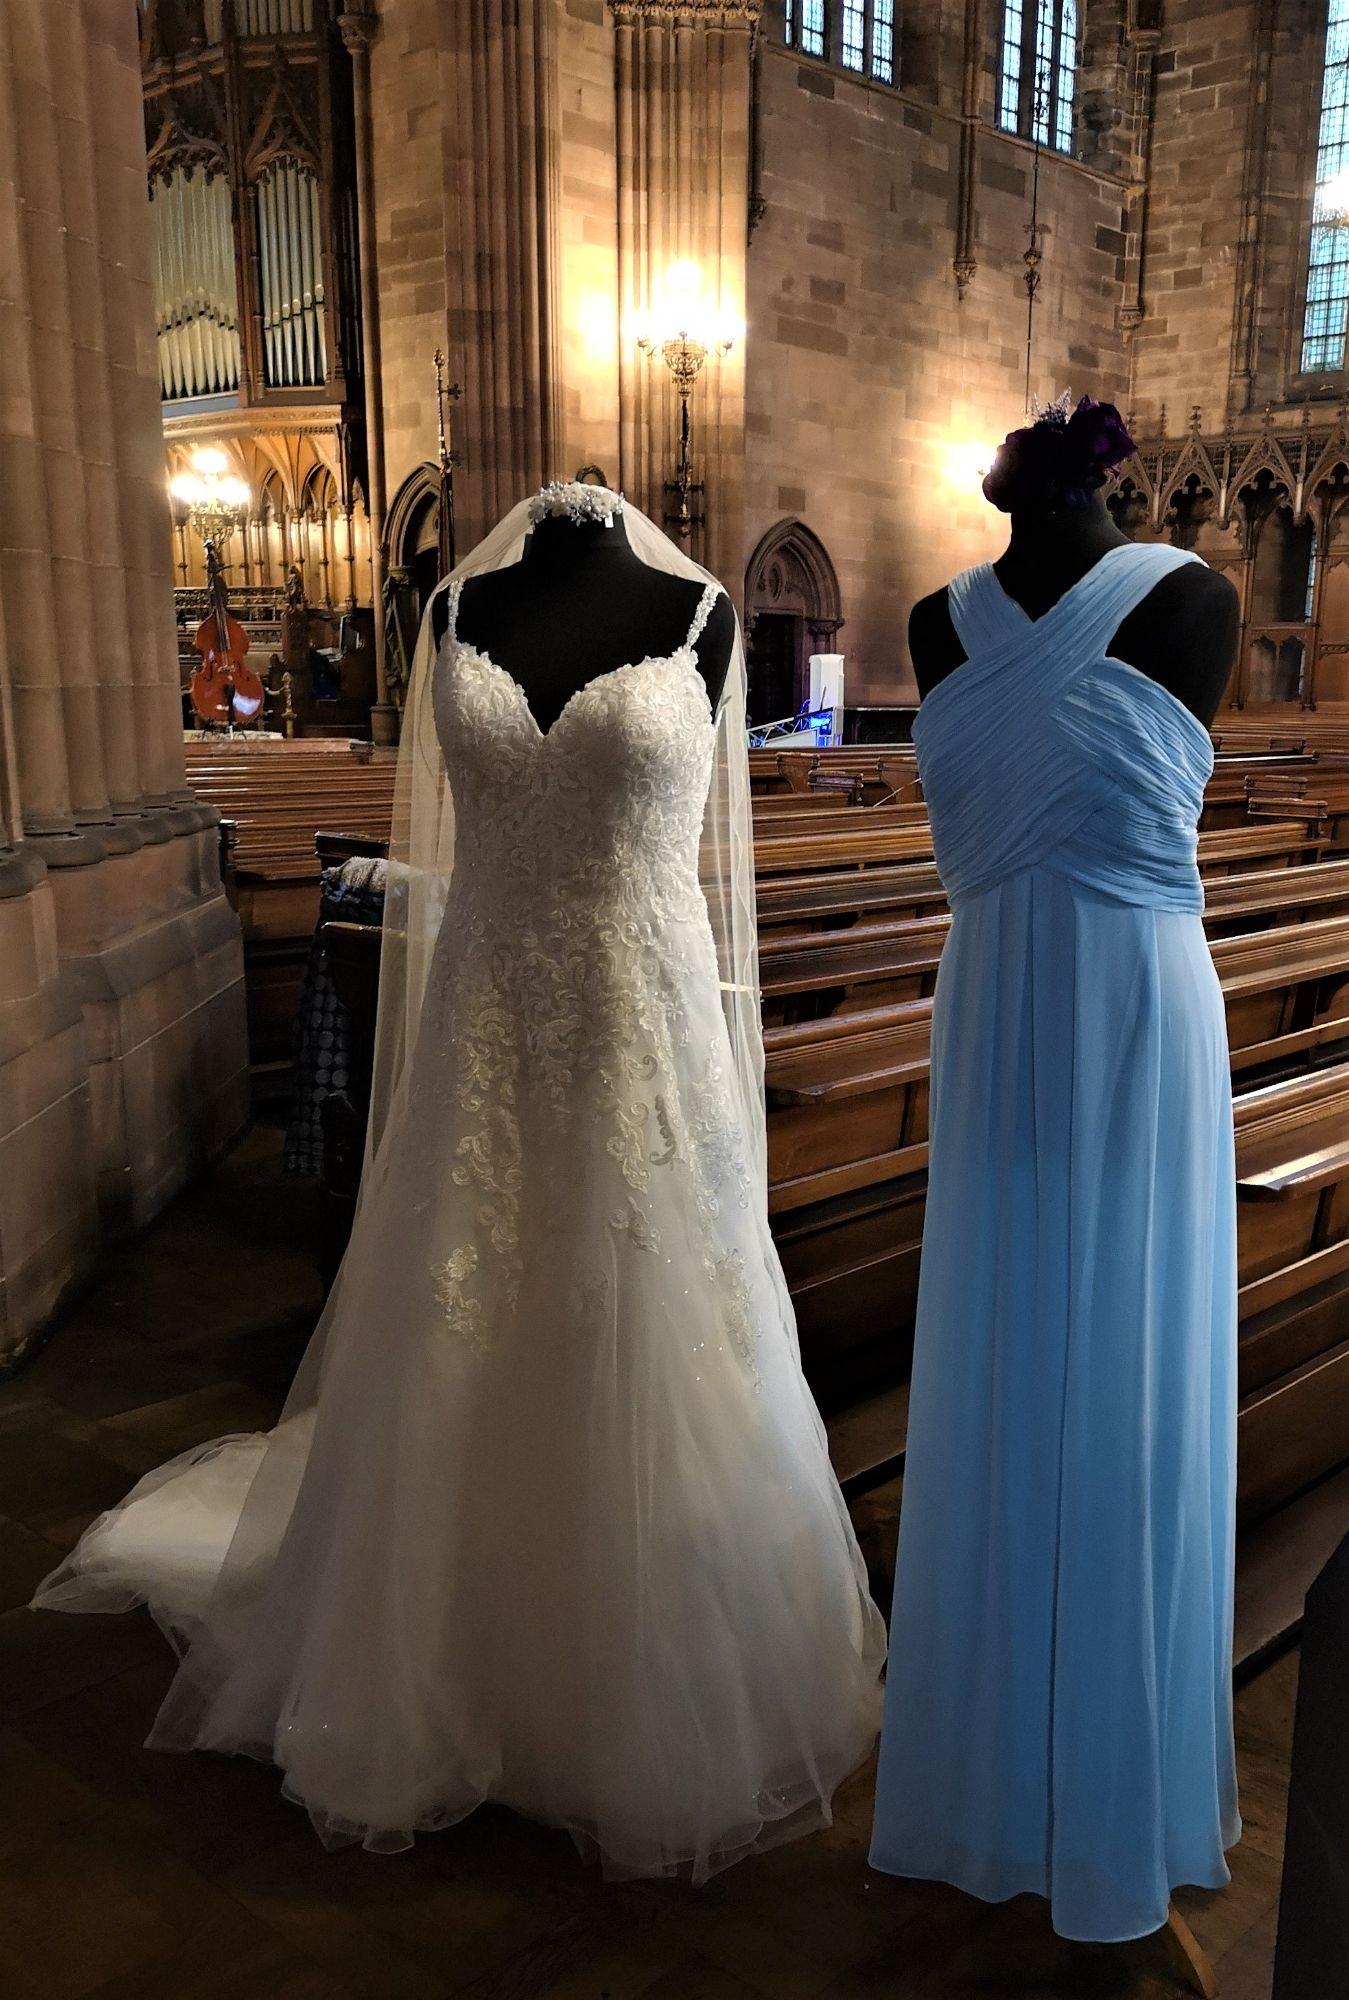 Coates Wedding Fayre (2.7) (2).jpg